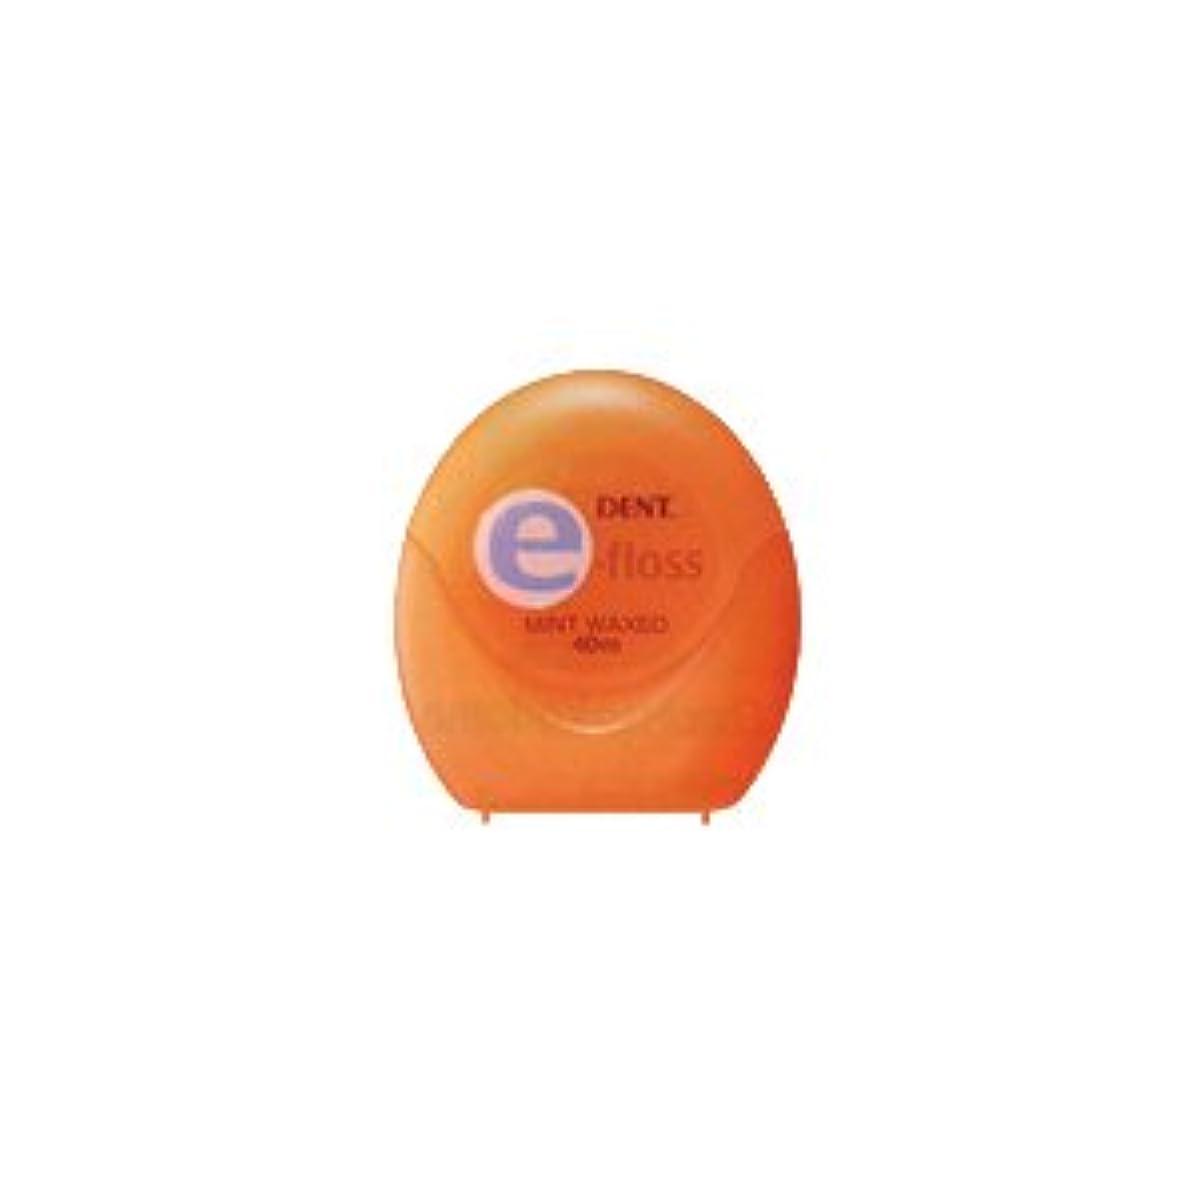 校長良心的スクリーチライオン DENT.e-floss デントイーフロス 1個 (オレンジ)